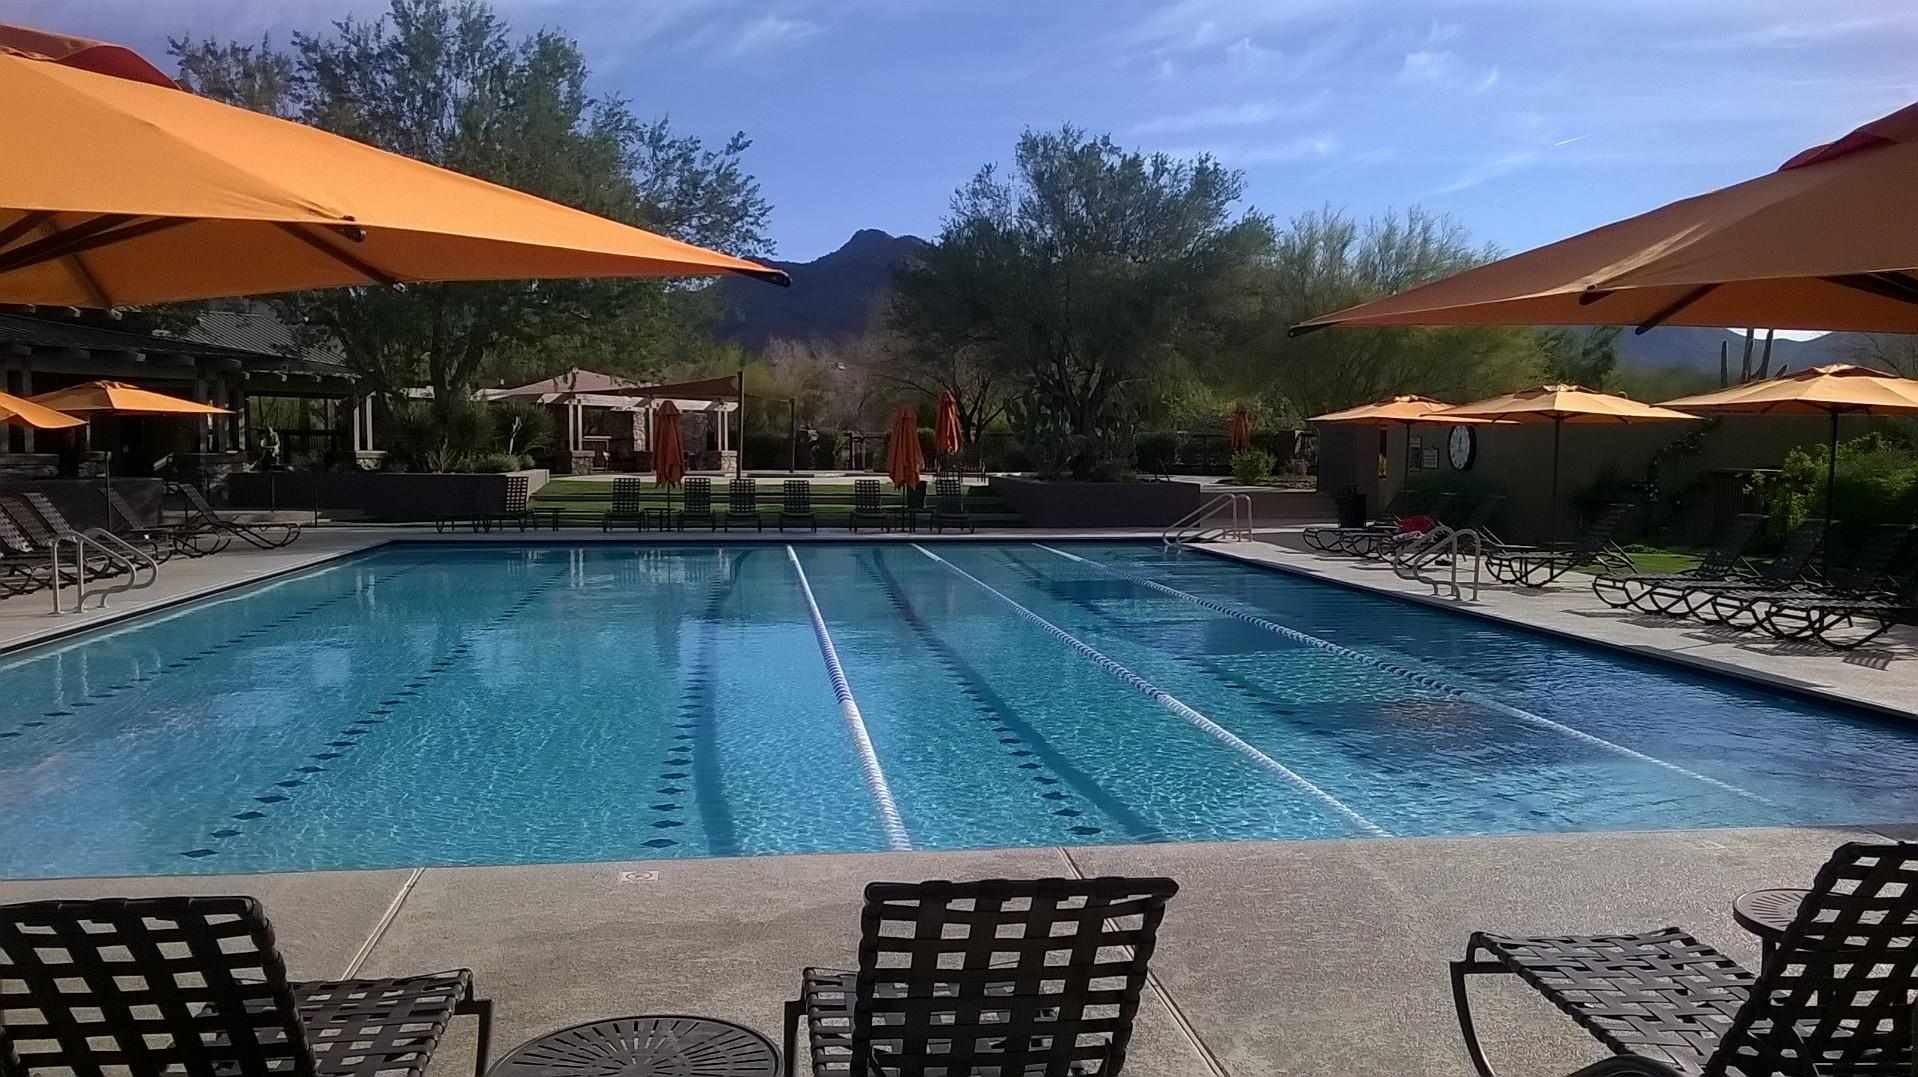 0227 - Desert Camp Community Center Pool - Scottsdale AZ